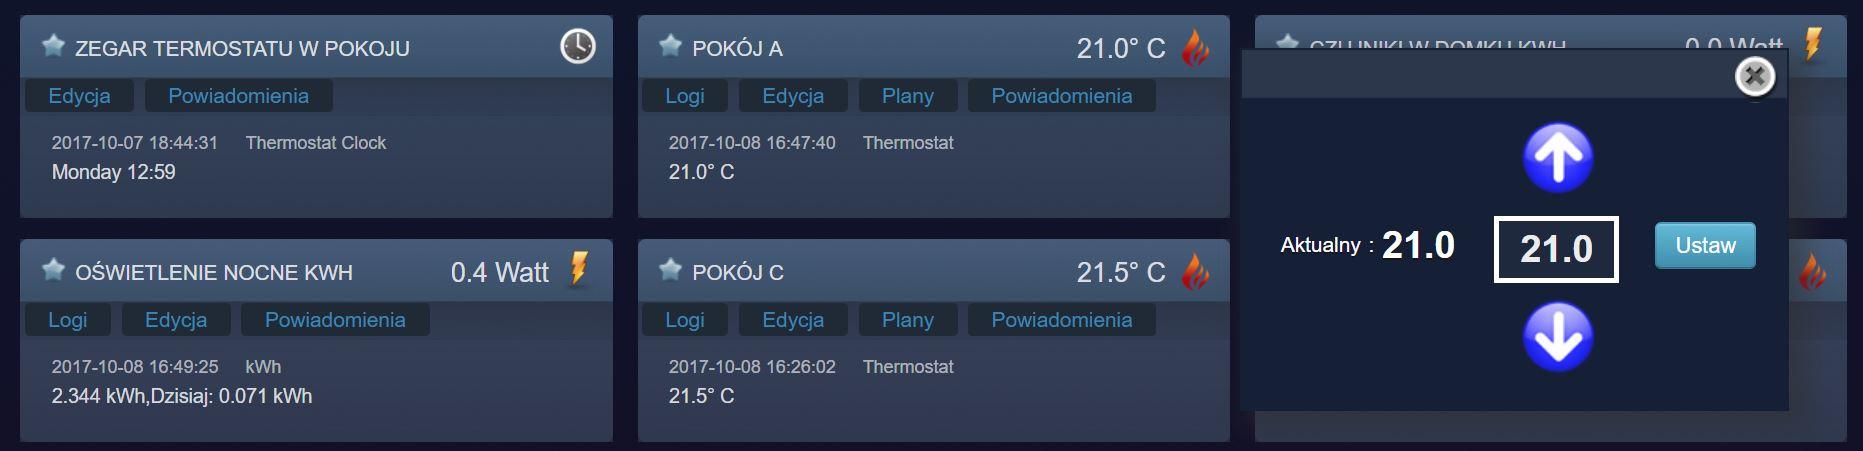 Ustawianie termostatu